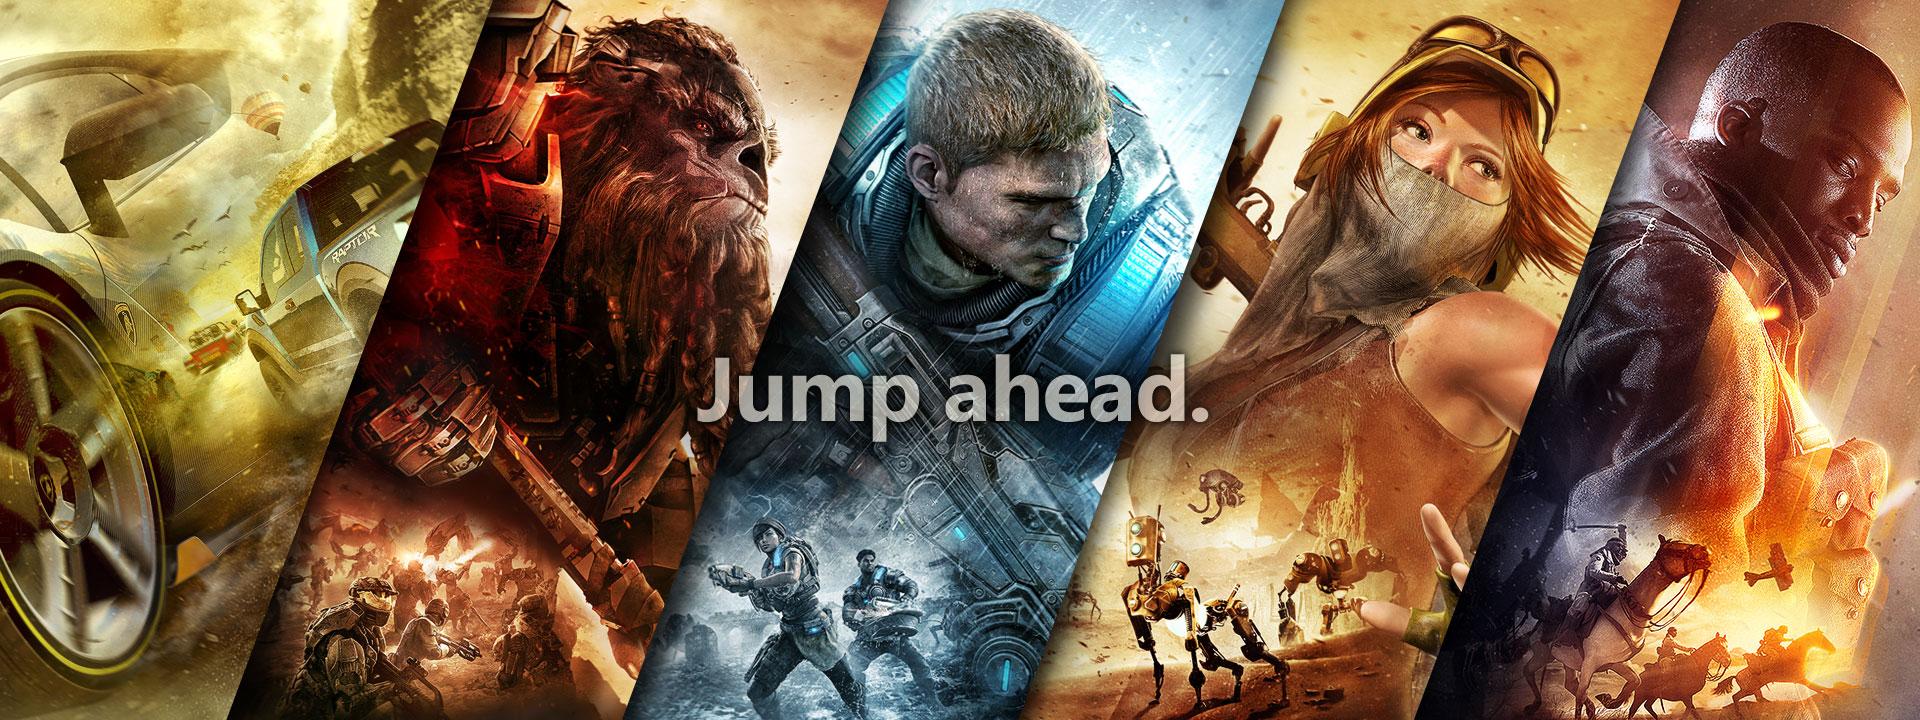 Jump ahead